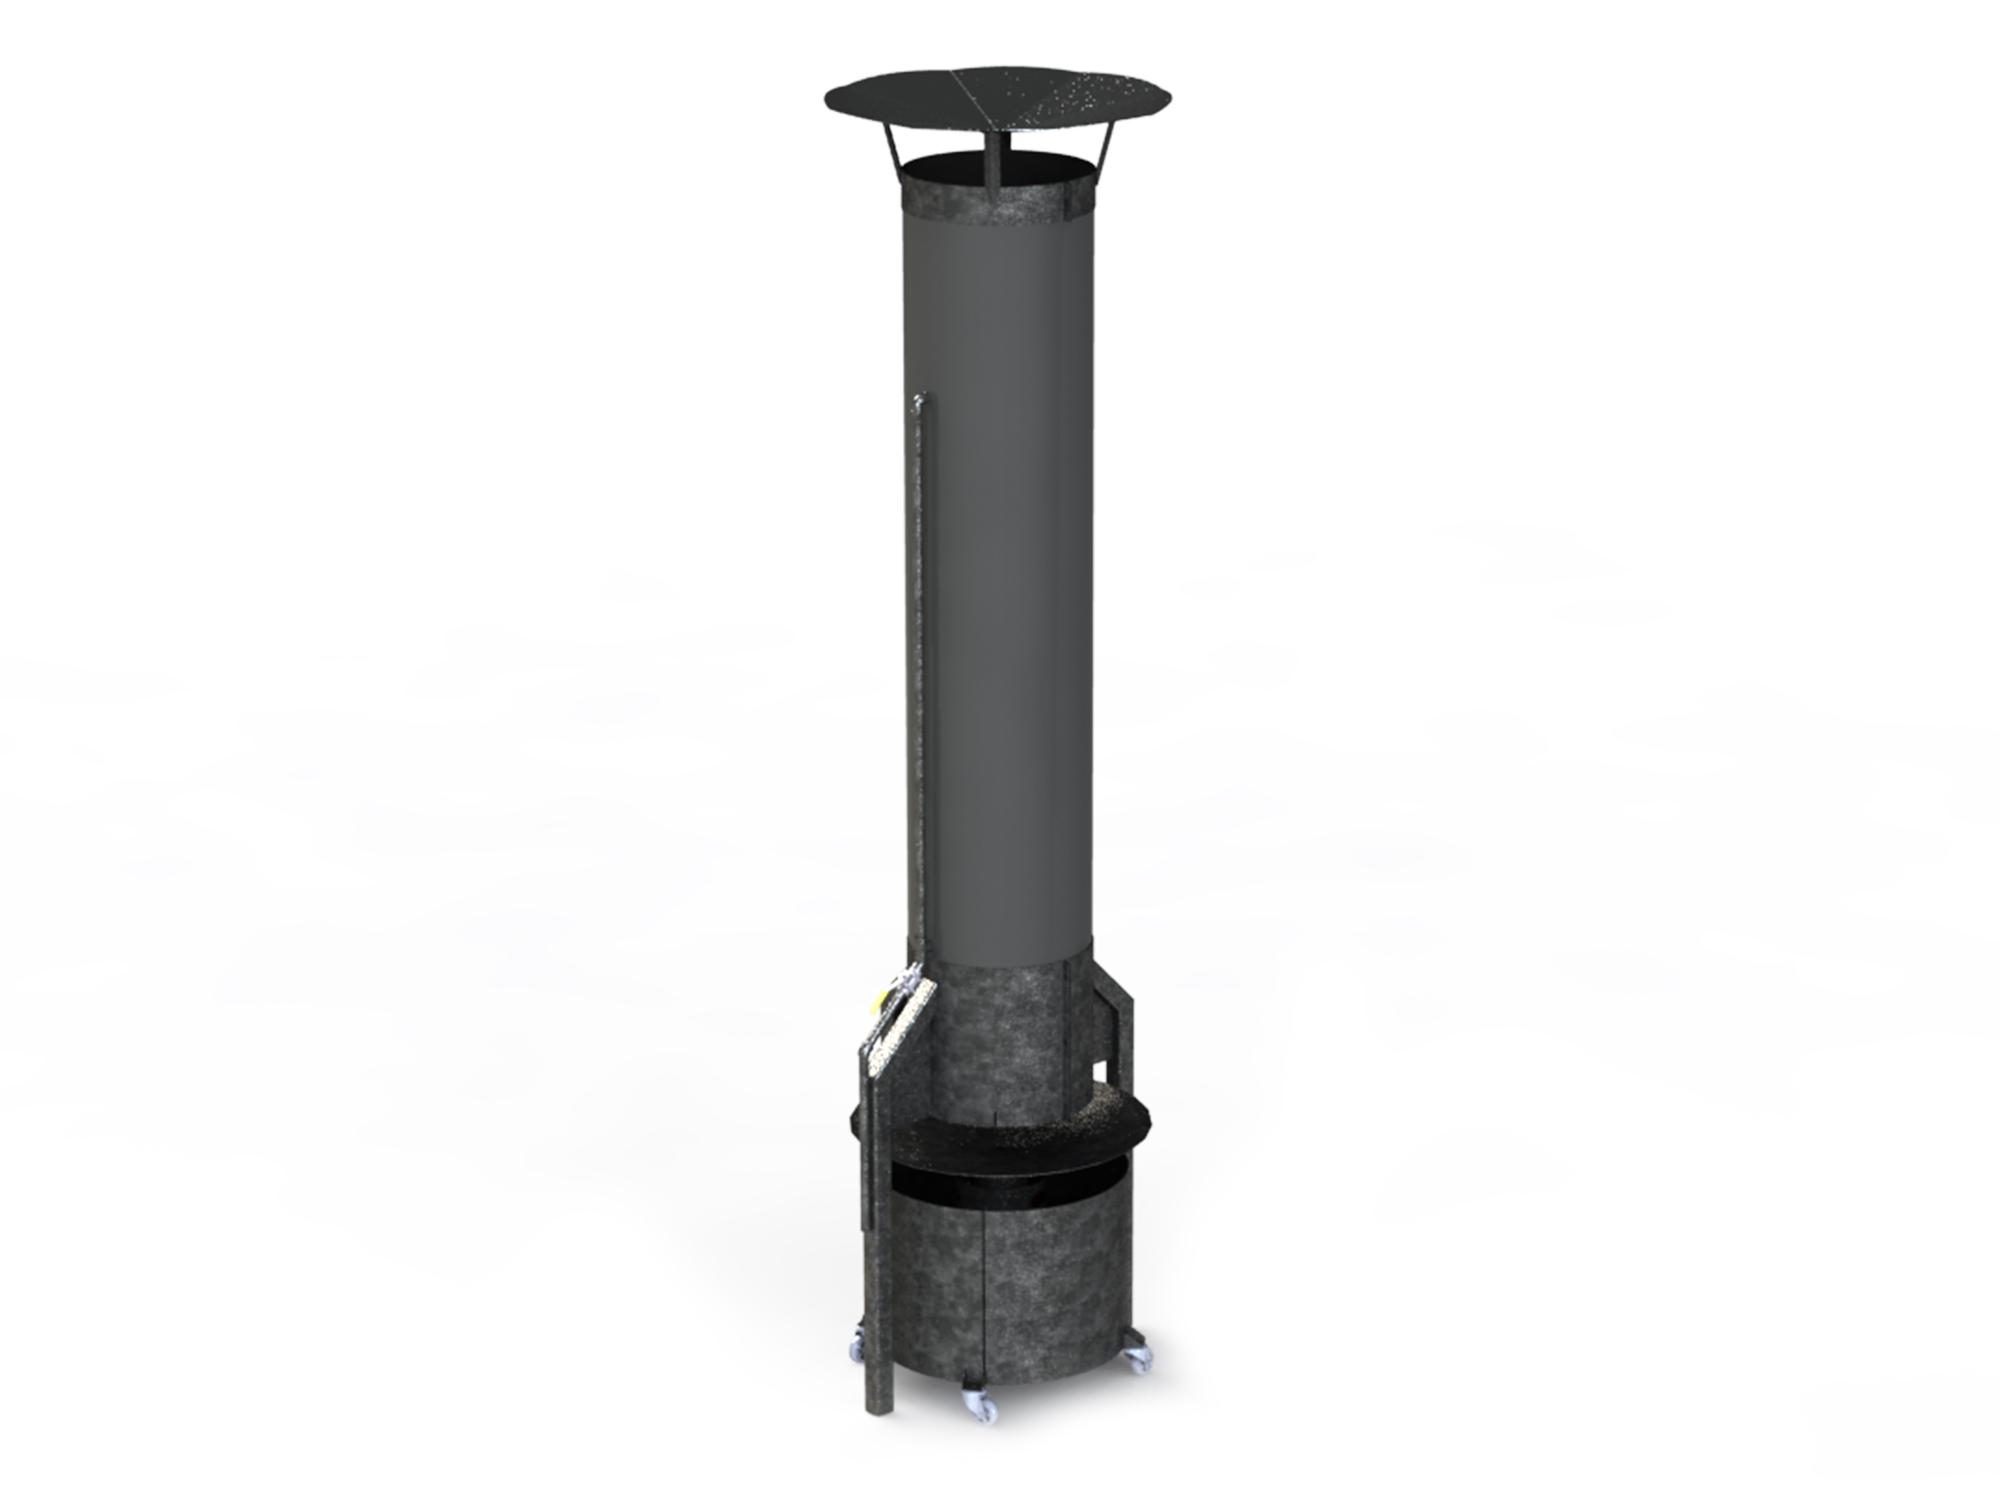 Airwasher AW40 - Qumec